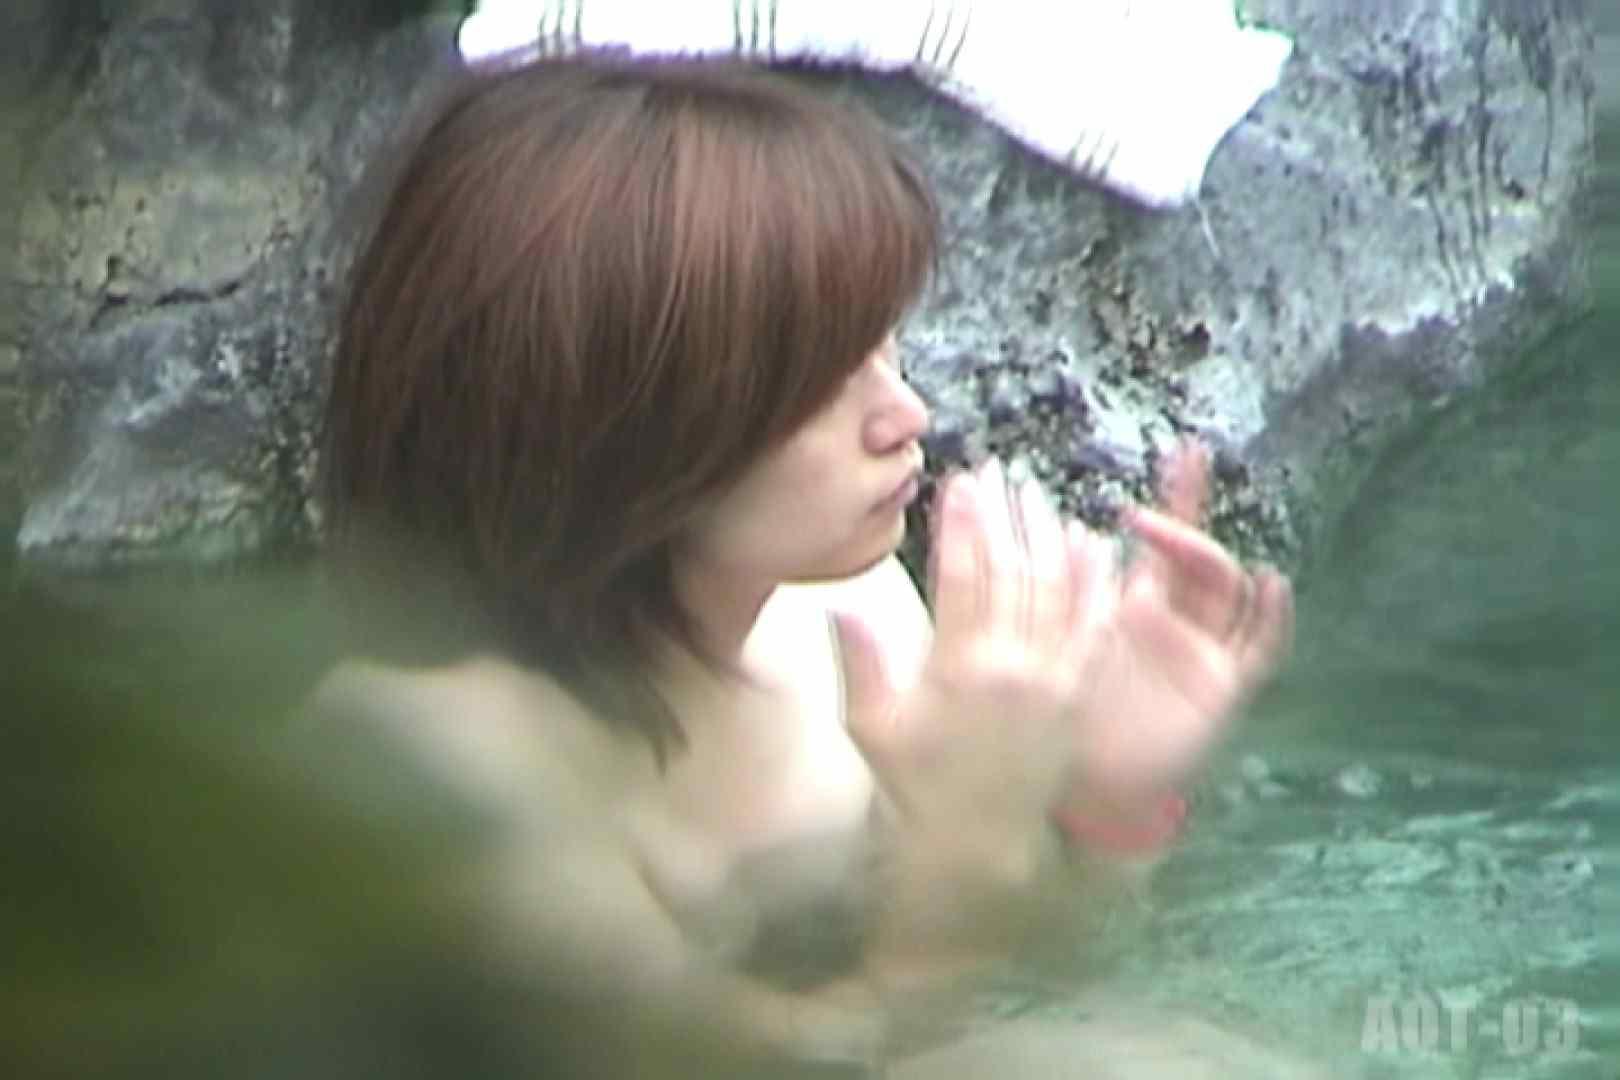 Aquaな露天風呂Vol.731 OLハメ撮り  104Pix 46